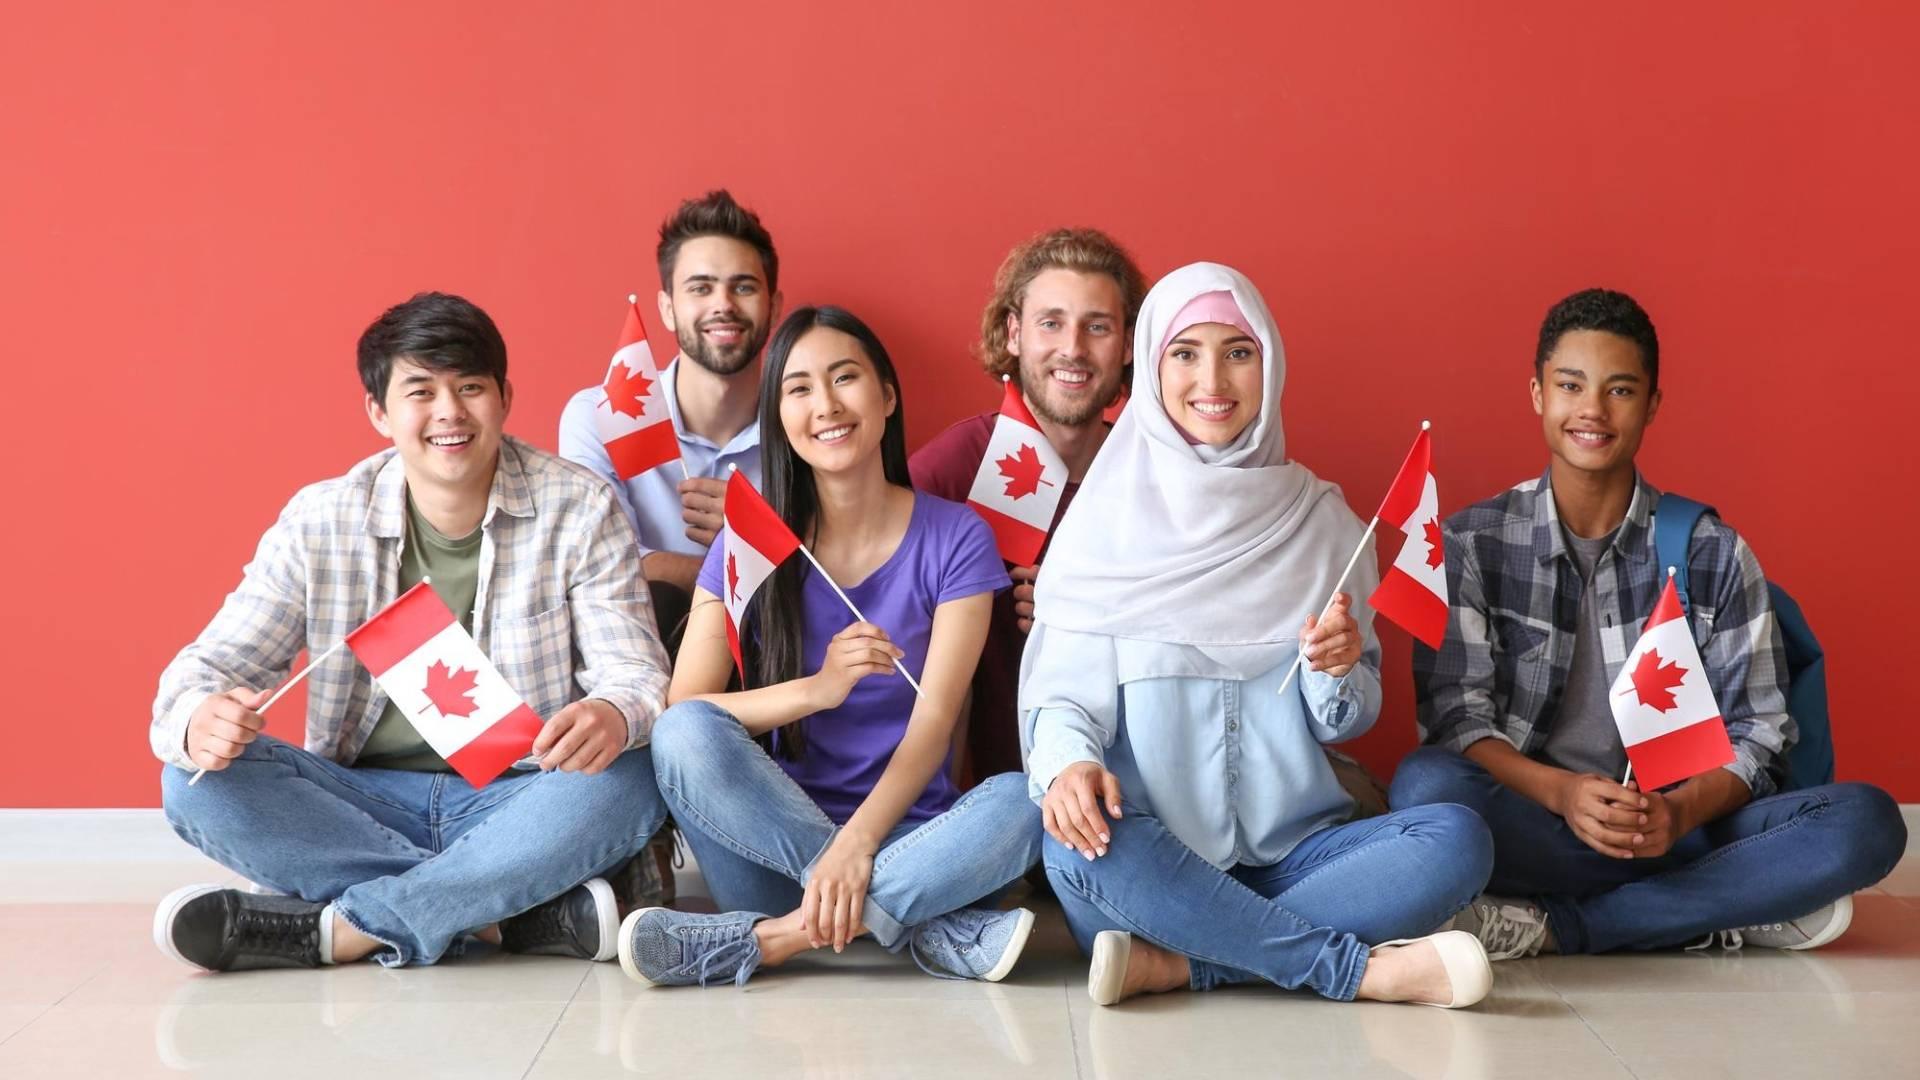 Работа в канаде для русских в 2021 году: вакансии